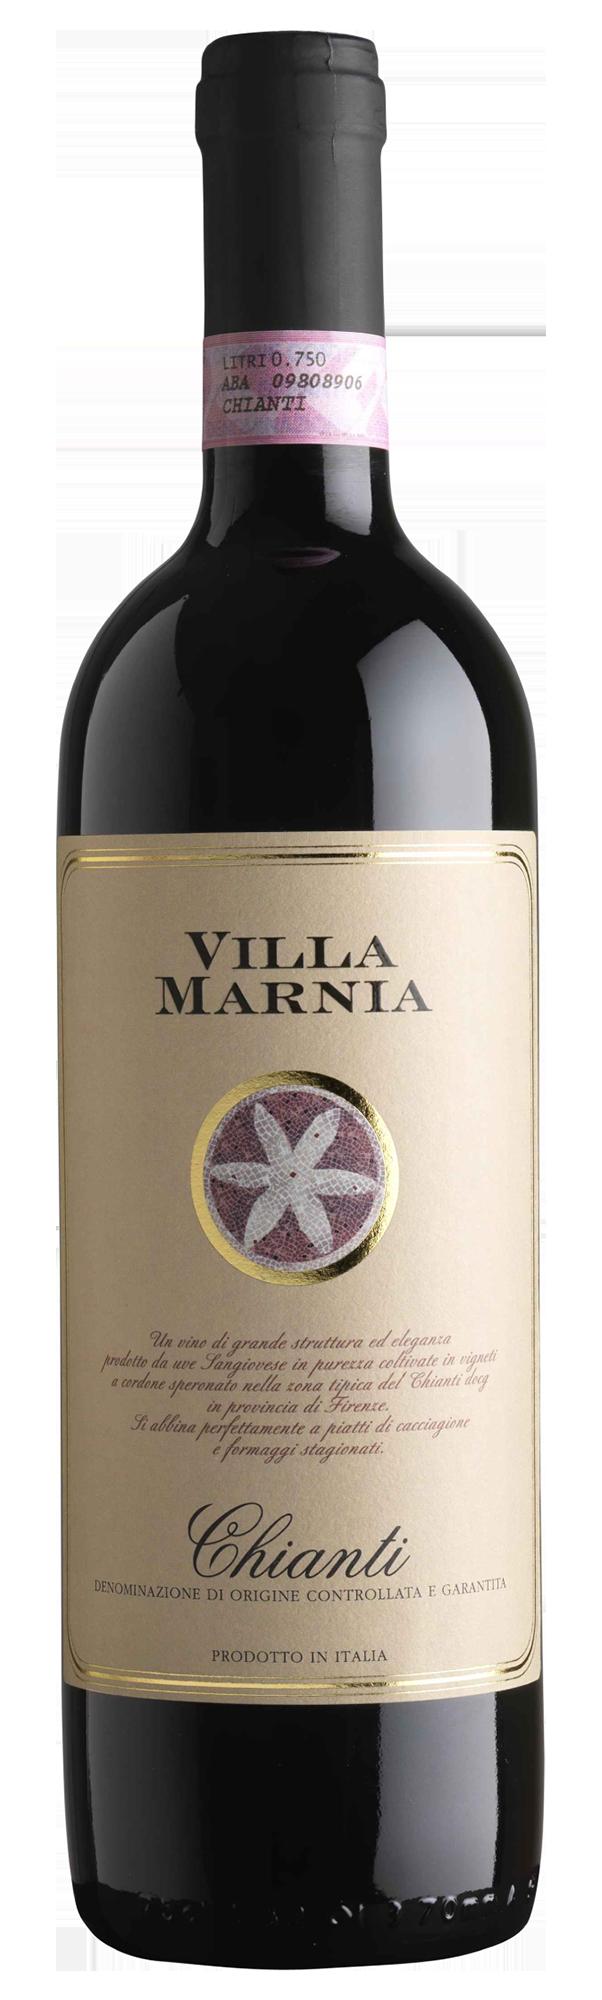 Chianti DOCG Villa Marnia